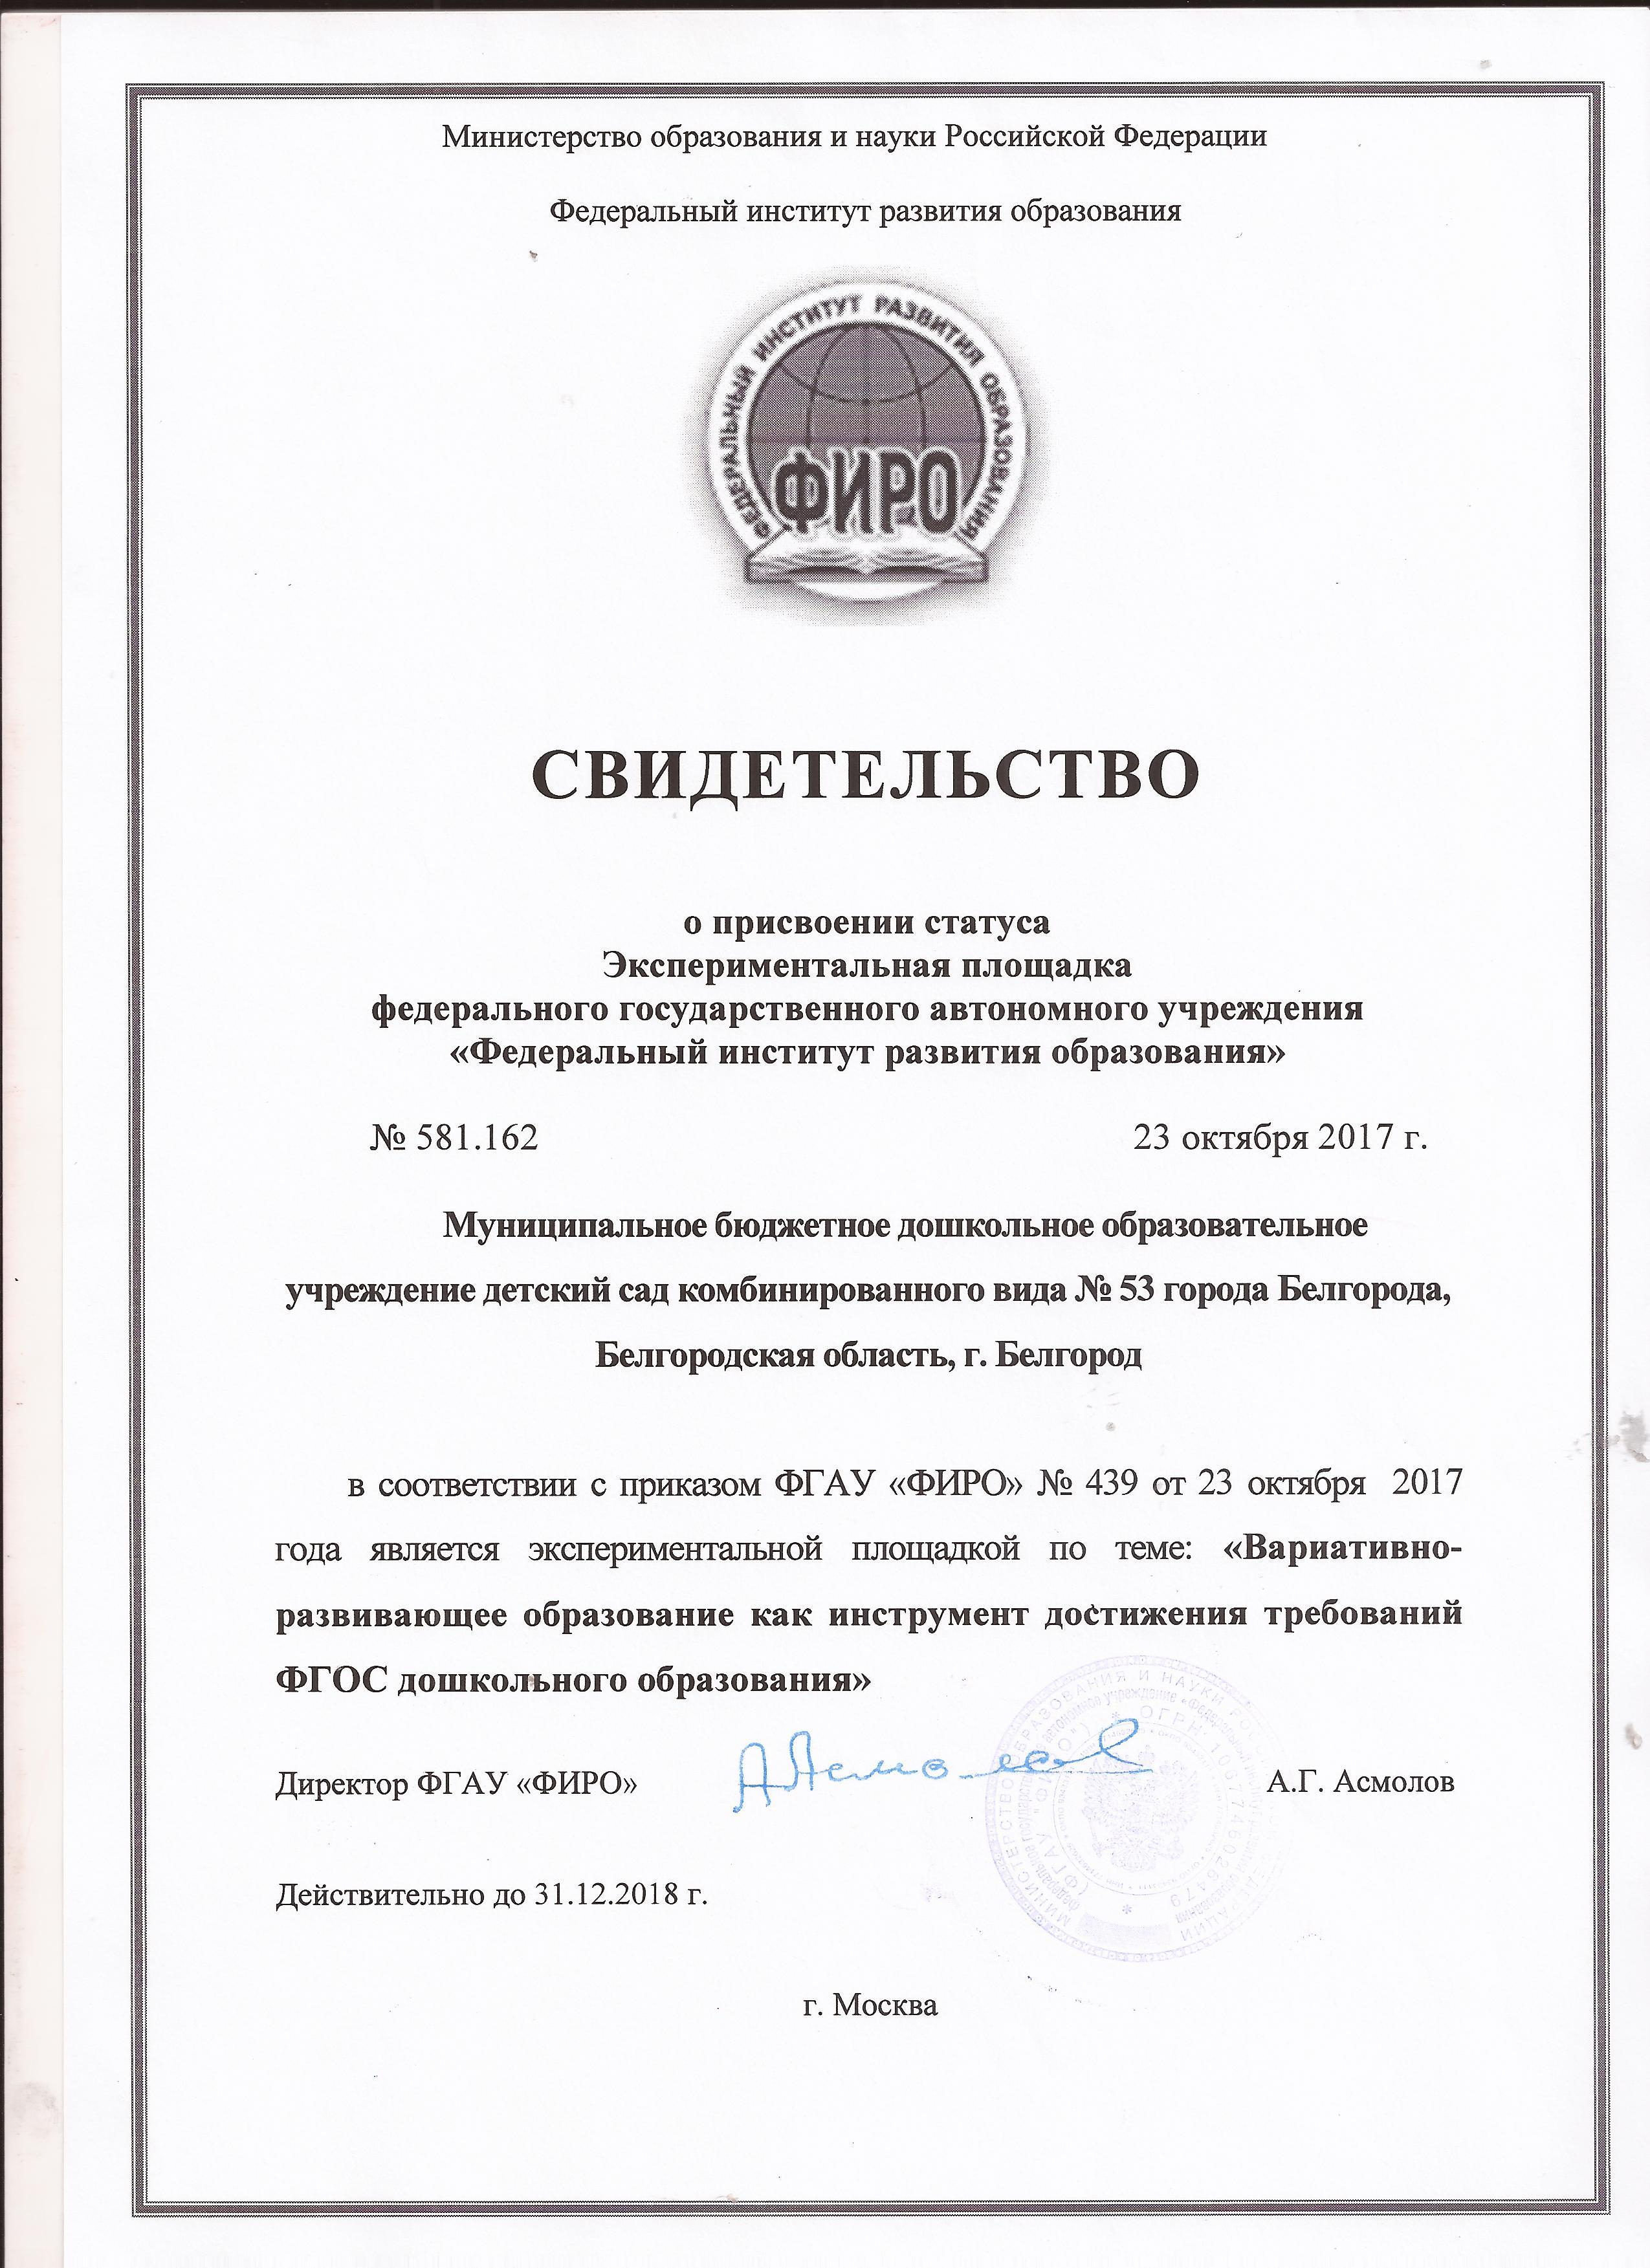 Сертификат о присвоении статуса федеральной площадки